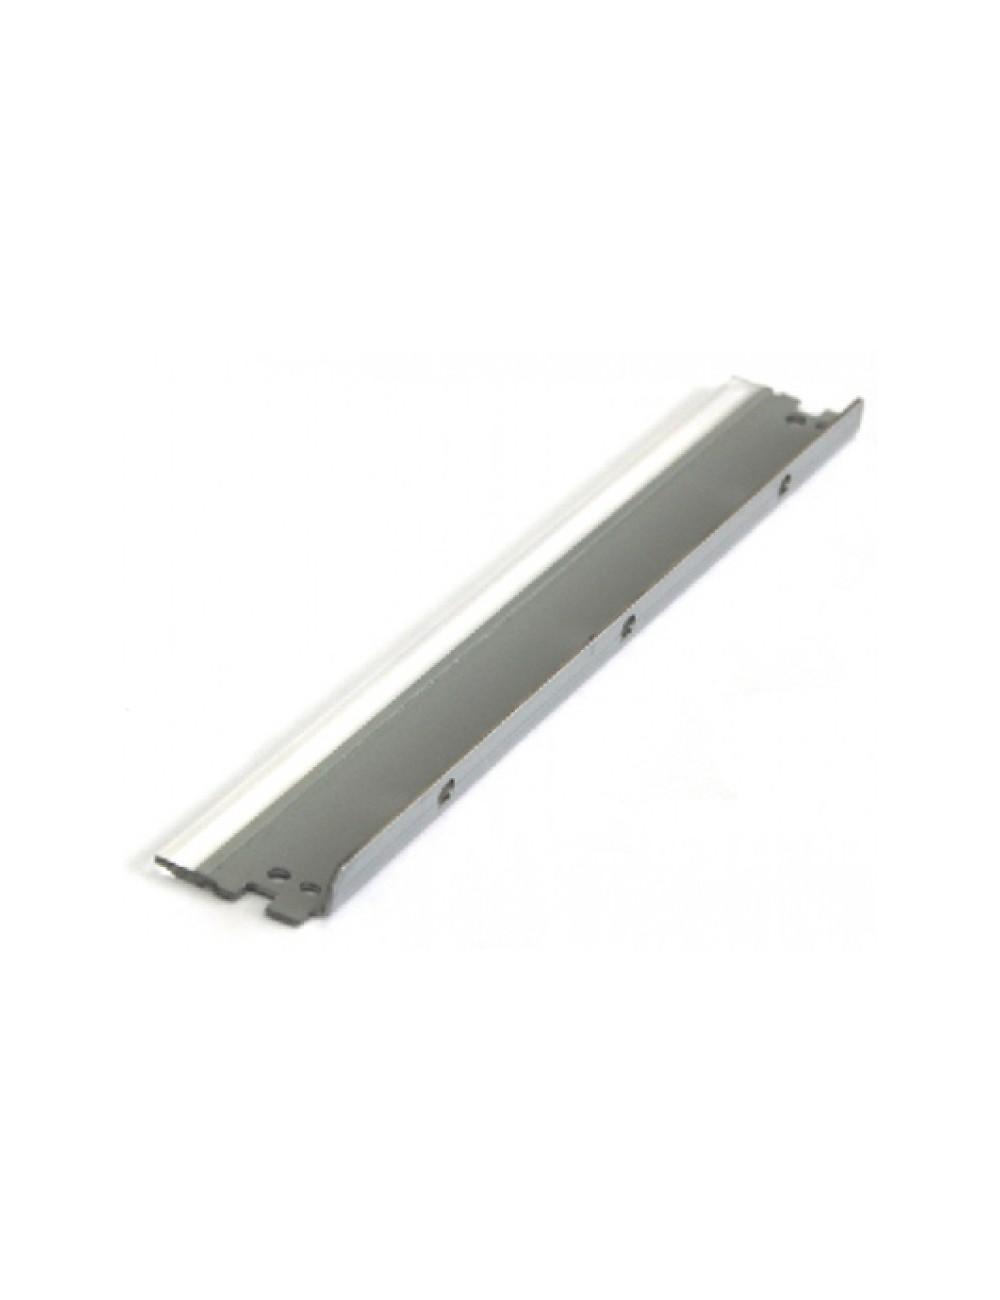 Ανταλλακτικό για toner WIPER BLADE DR HP2100/2300/2420/2500/4500